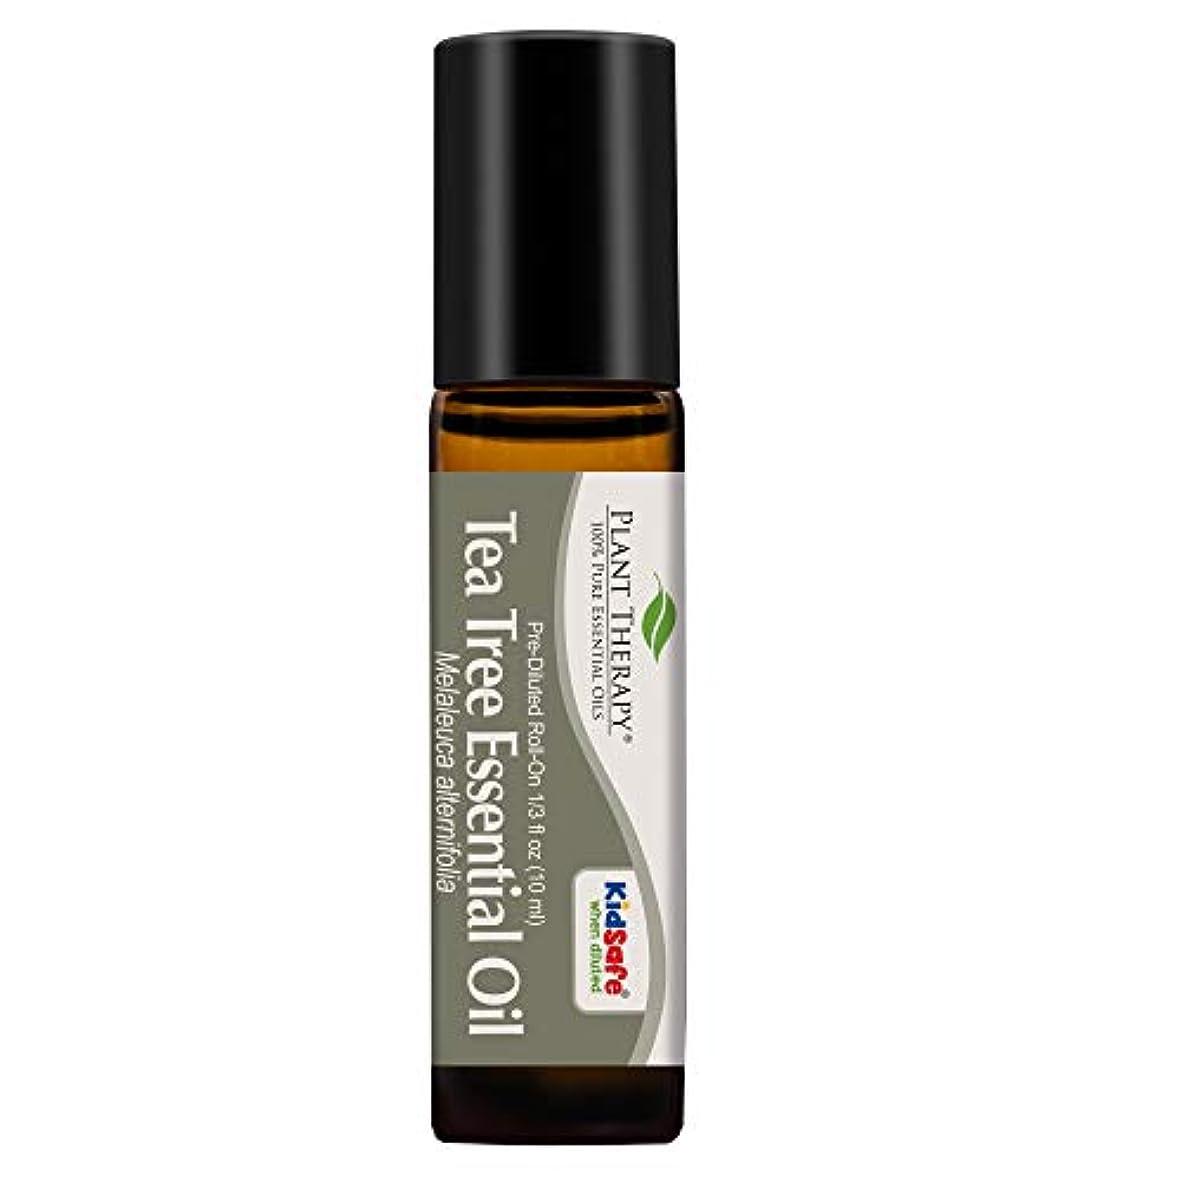 ライターウナギ制限Plant Therapy Tea Tree Pre-Diluted Roll-On 10 ml (1/3 fl oz) 100% Pure, Therapeutic Grade